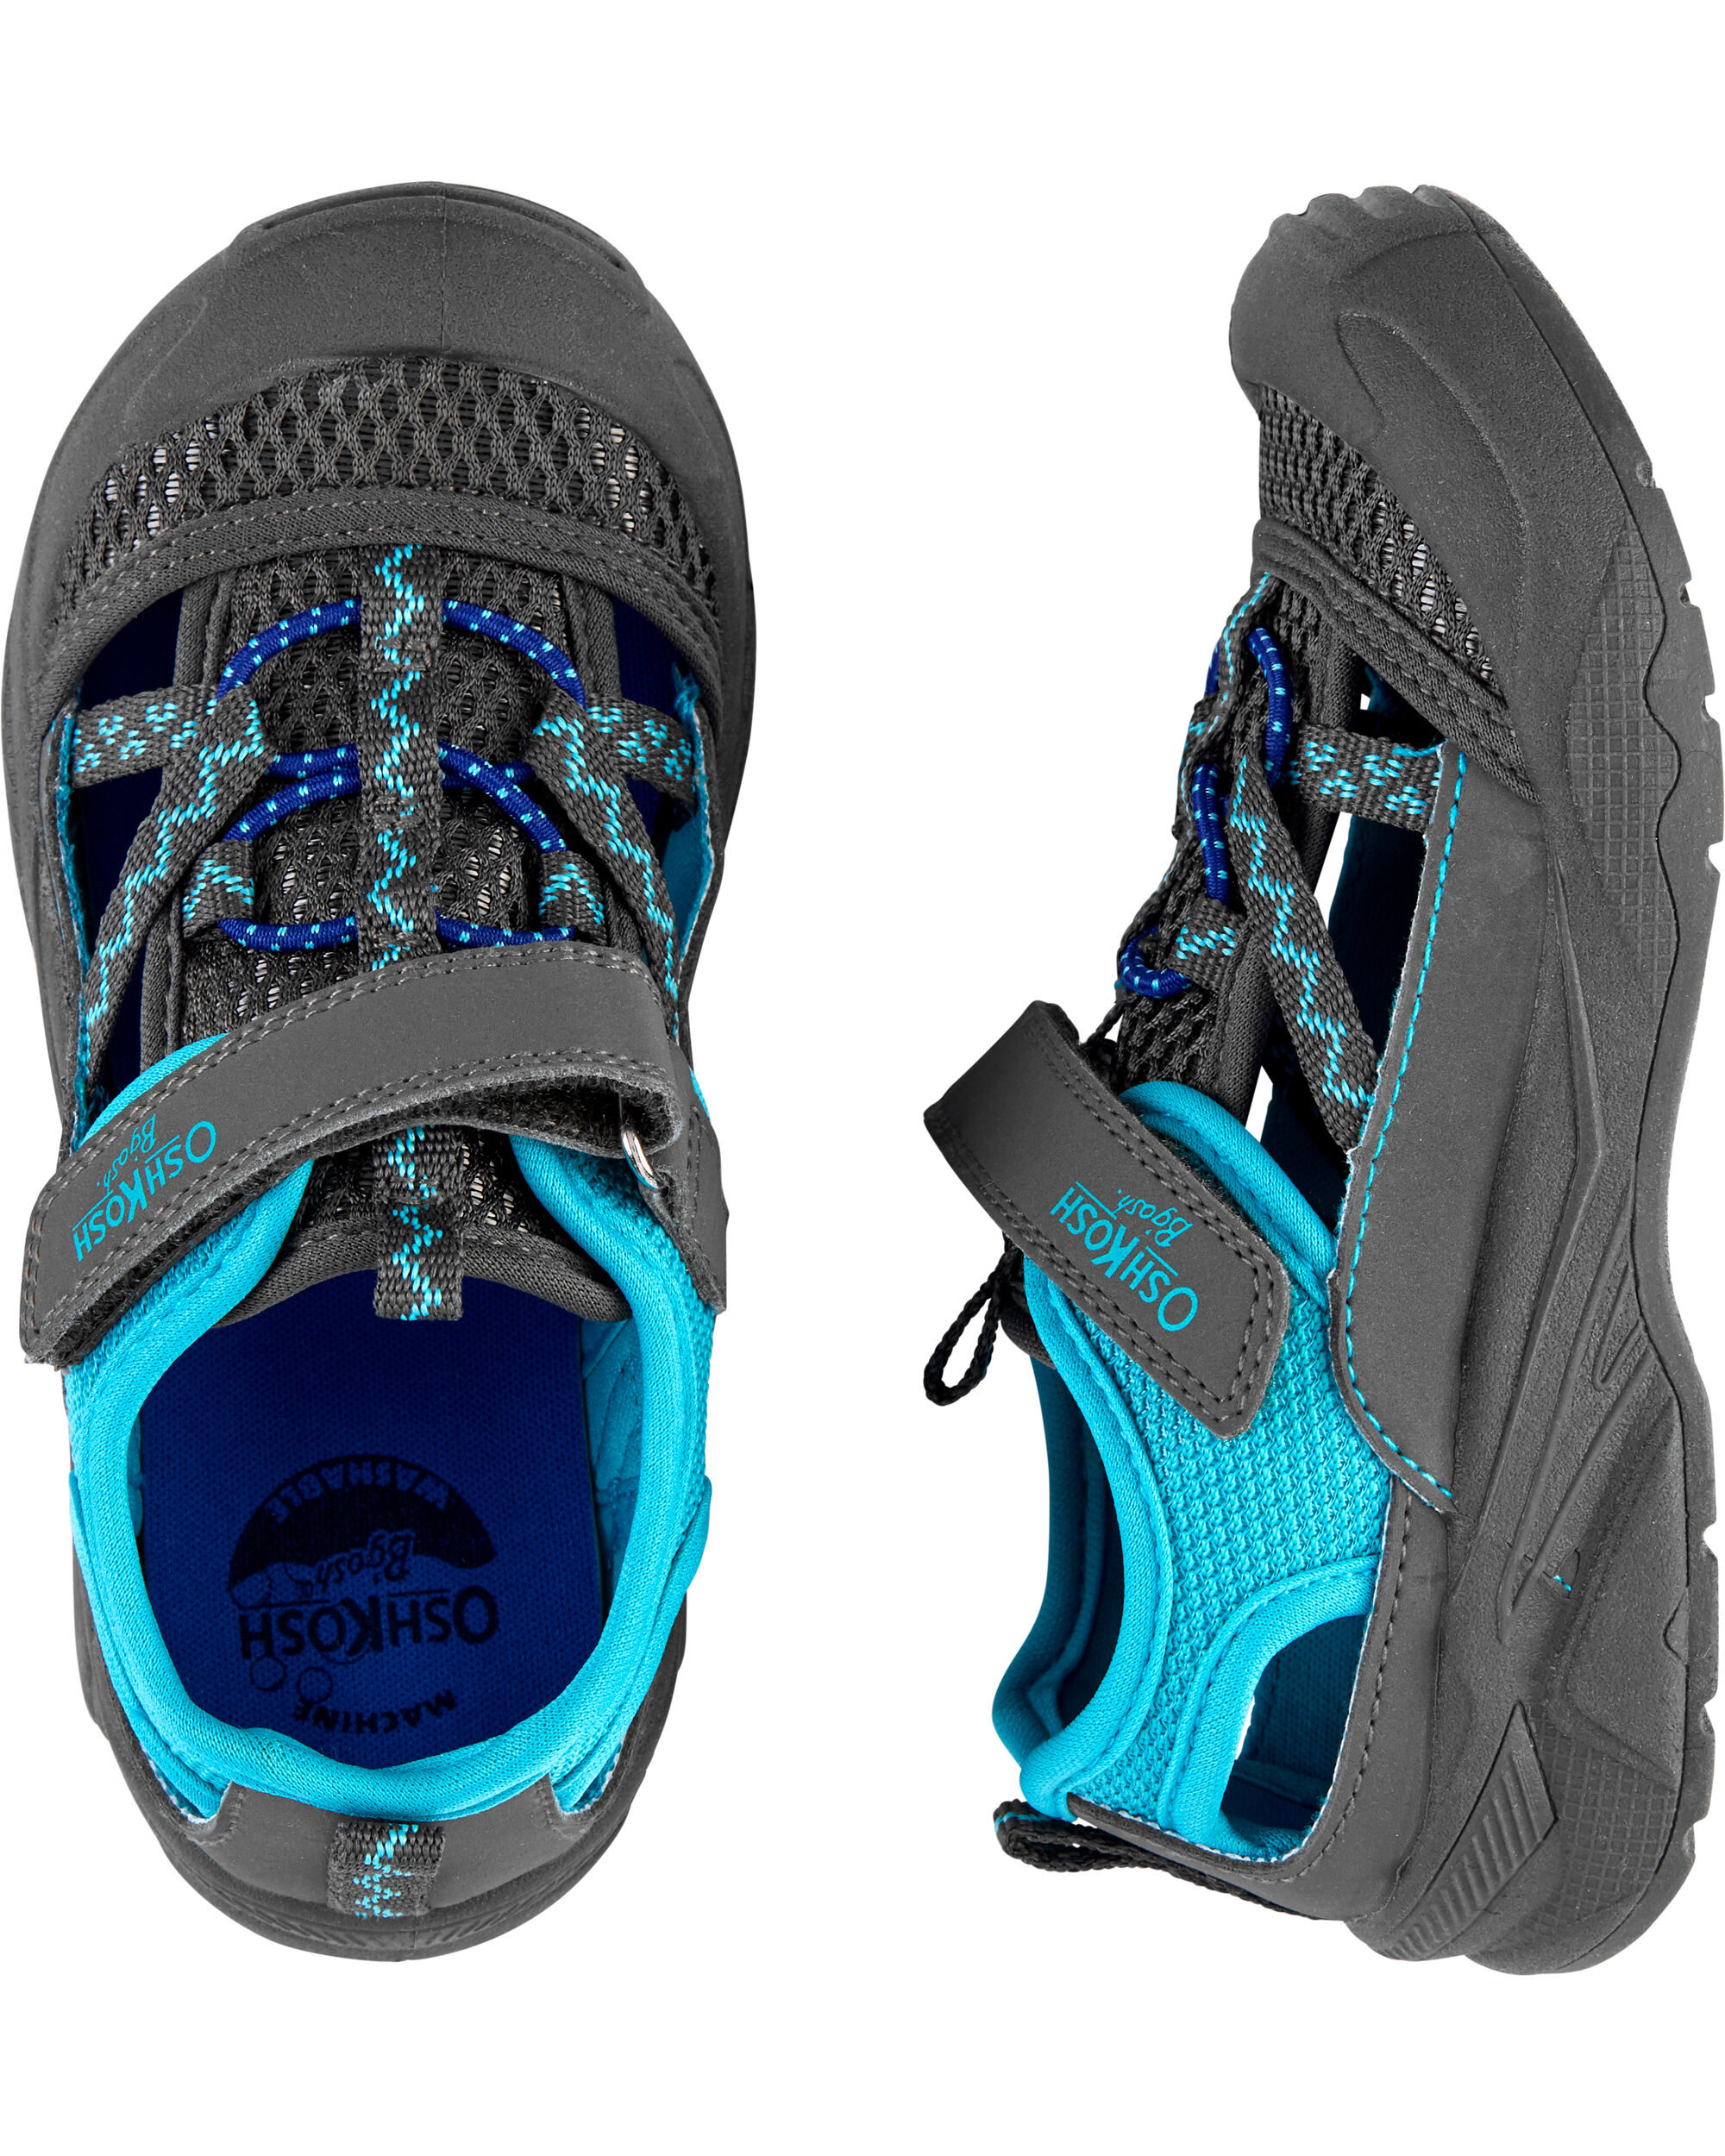 oshkosh baby boy sandals